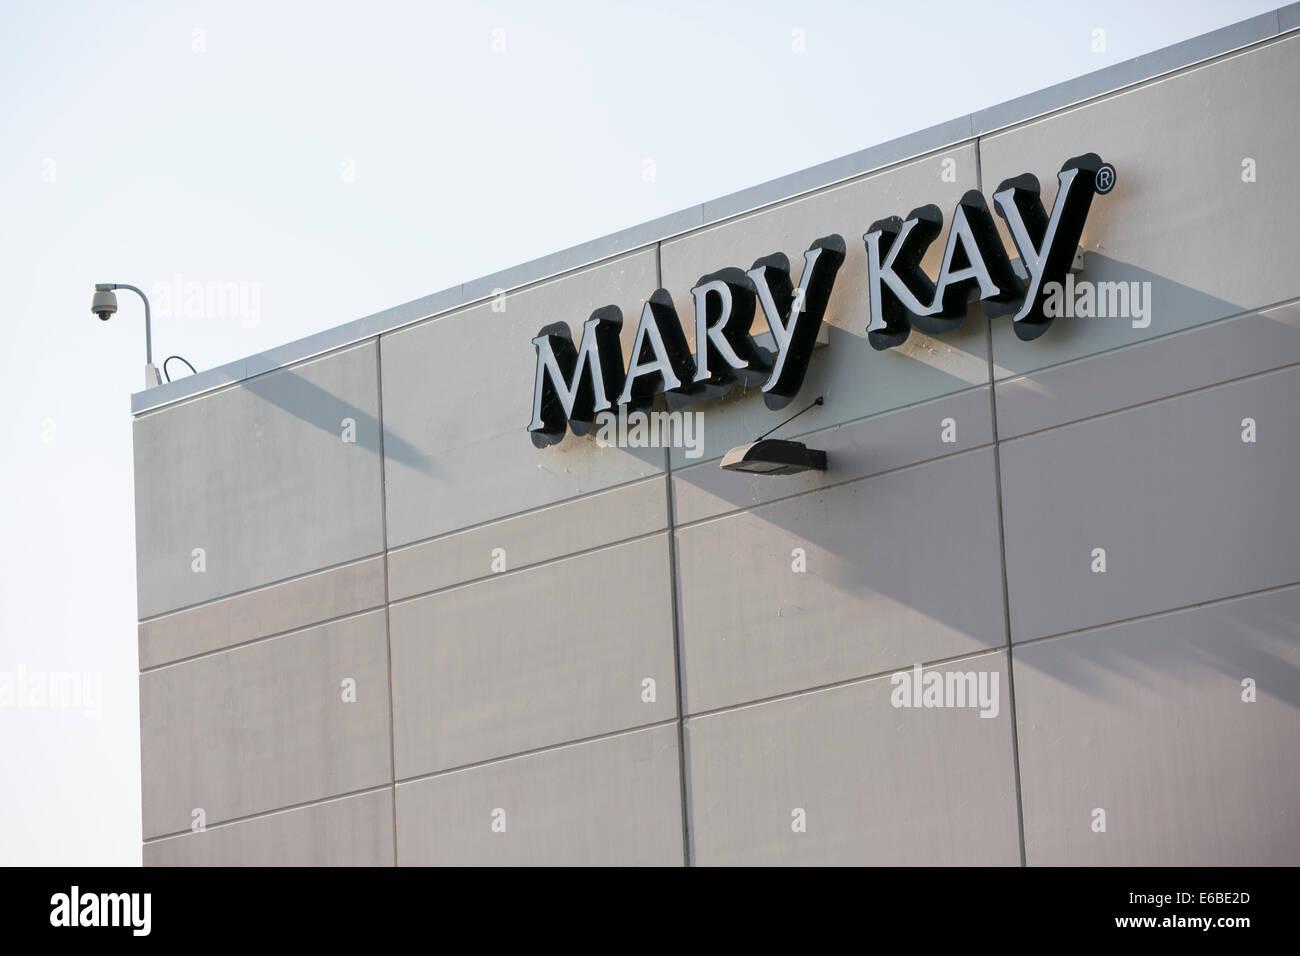 Ein Mary Kay Cosmetics Distributionszentrum in Hoffman Estates (Illinois). Stockbild